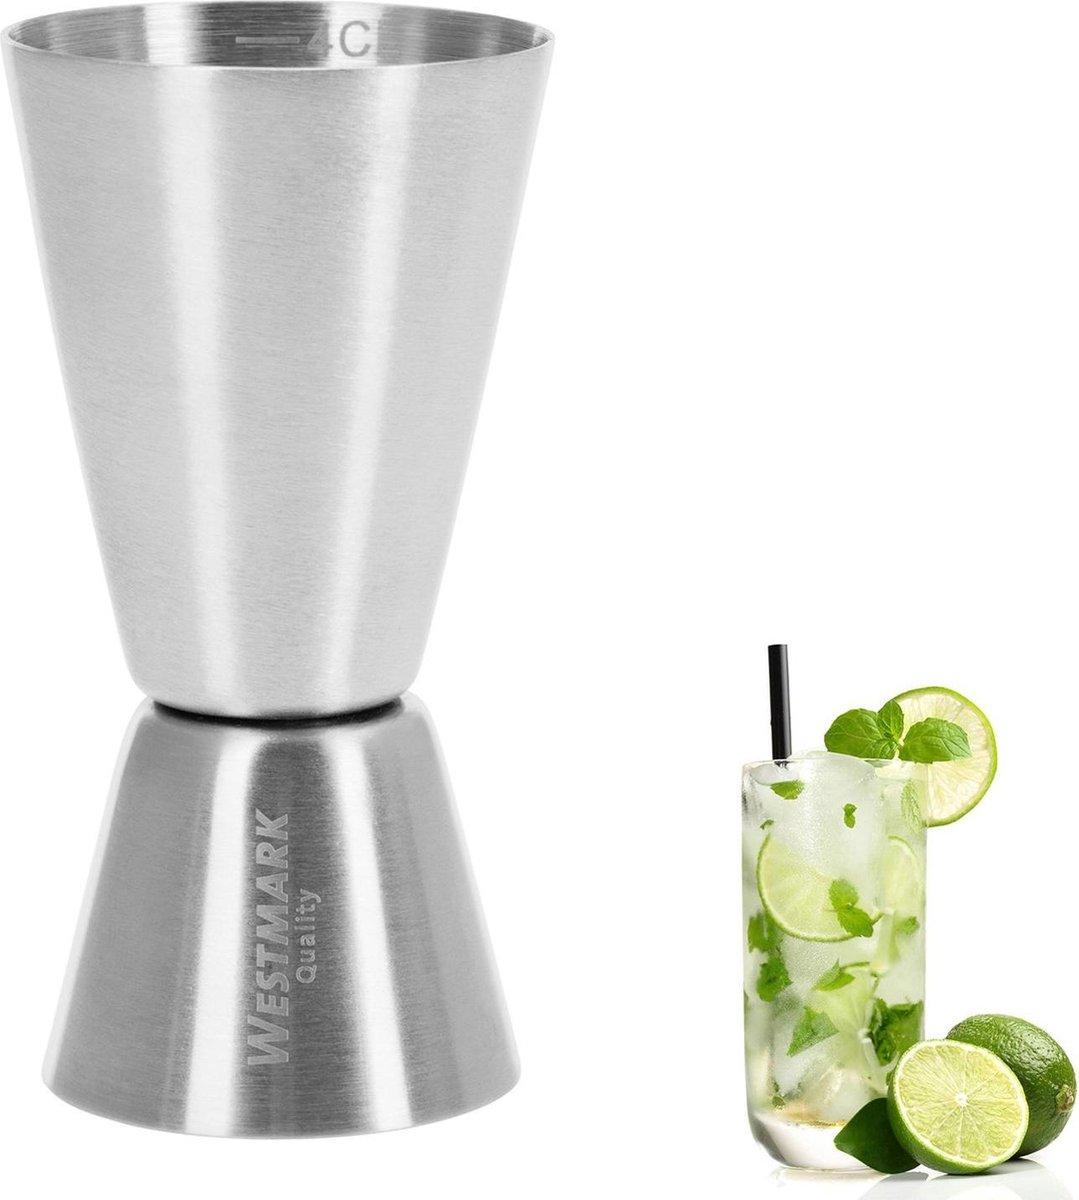 Westmark Maatbeker/Barmaatje, Jigger voor Cocktails - 2 Maateenheden: 2/4 cl - RVS